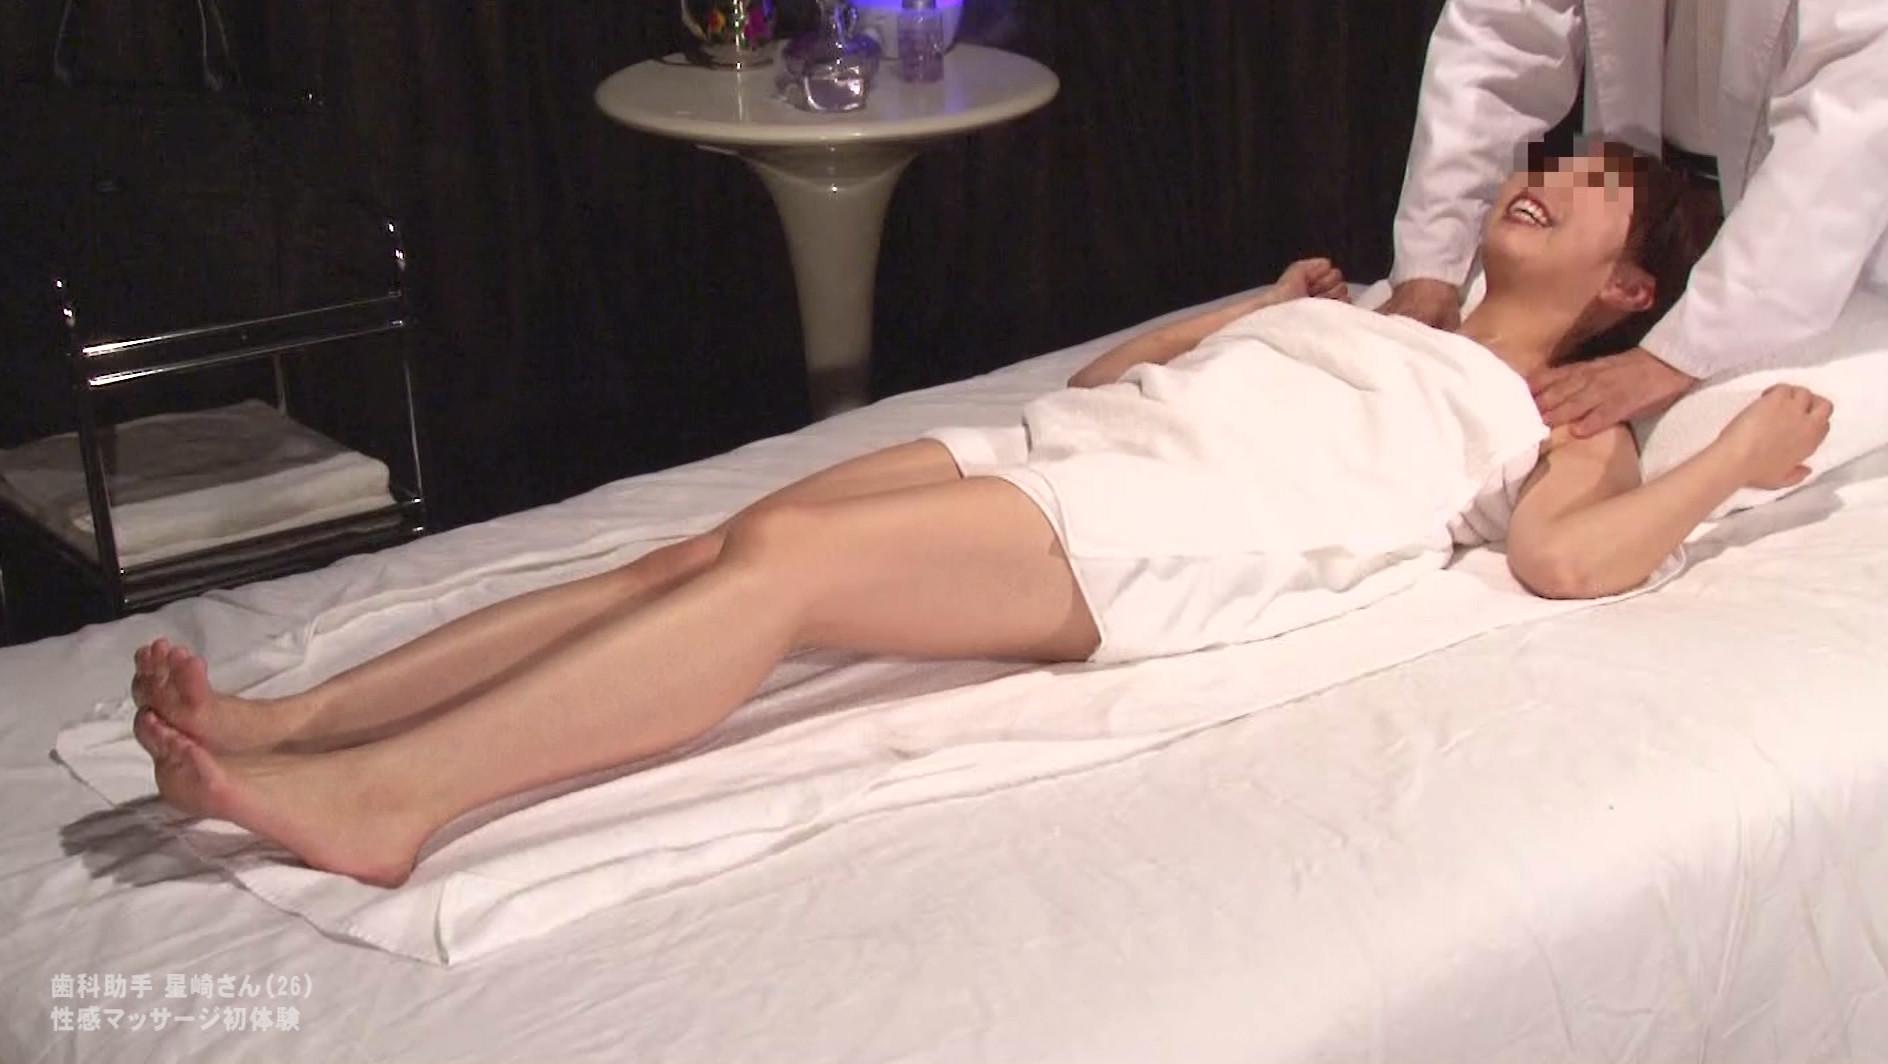 かわいい歯科助手のお姉さんを性感マッサージでとことんイカせてみた 画像18